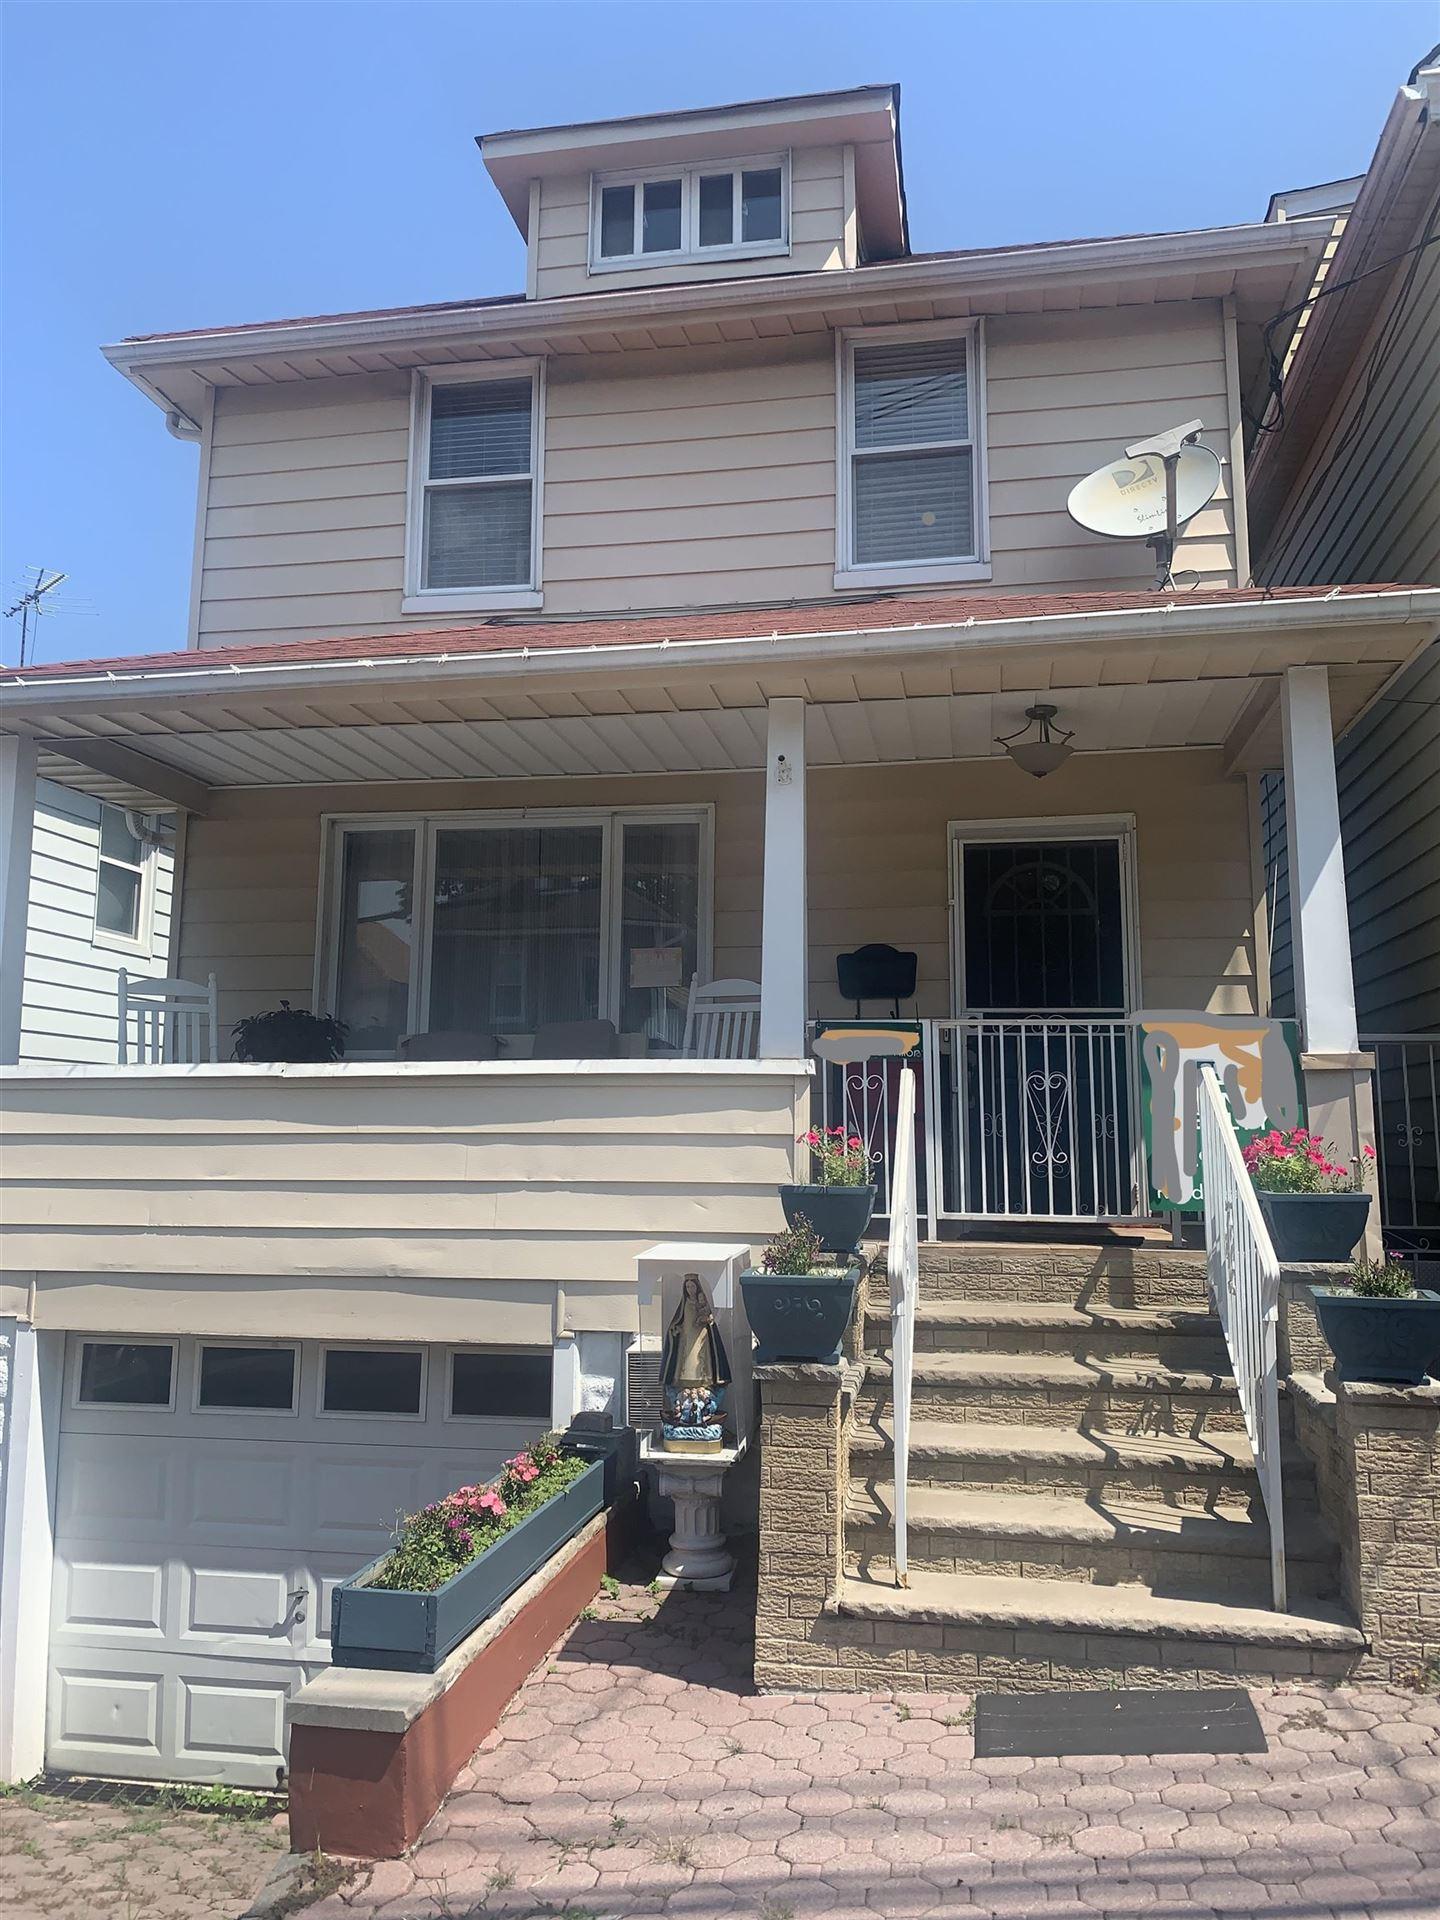 1502 80TH ST, North Bergen, NJ 07047 - MLS#: 210021921